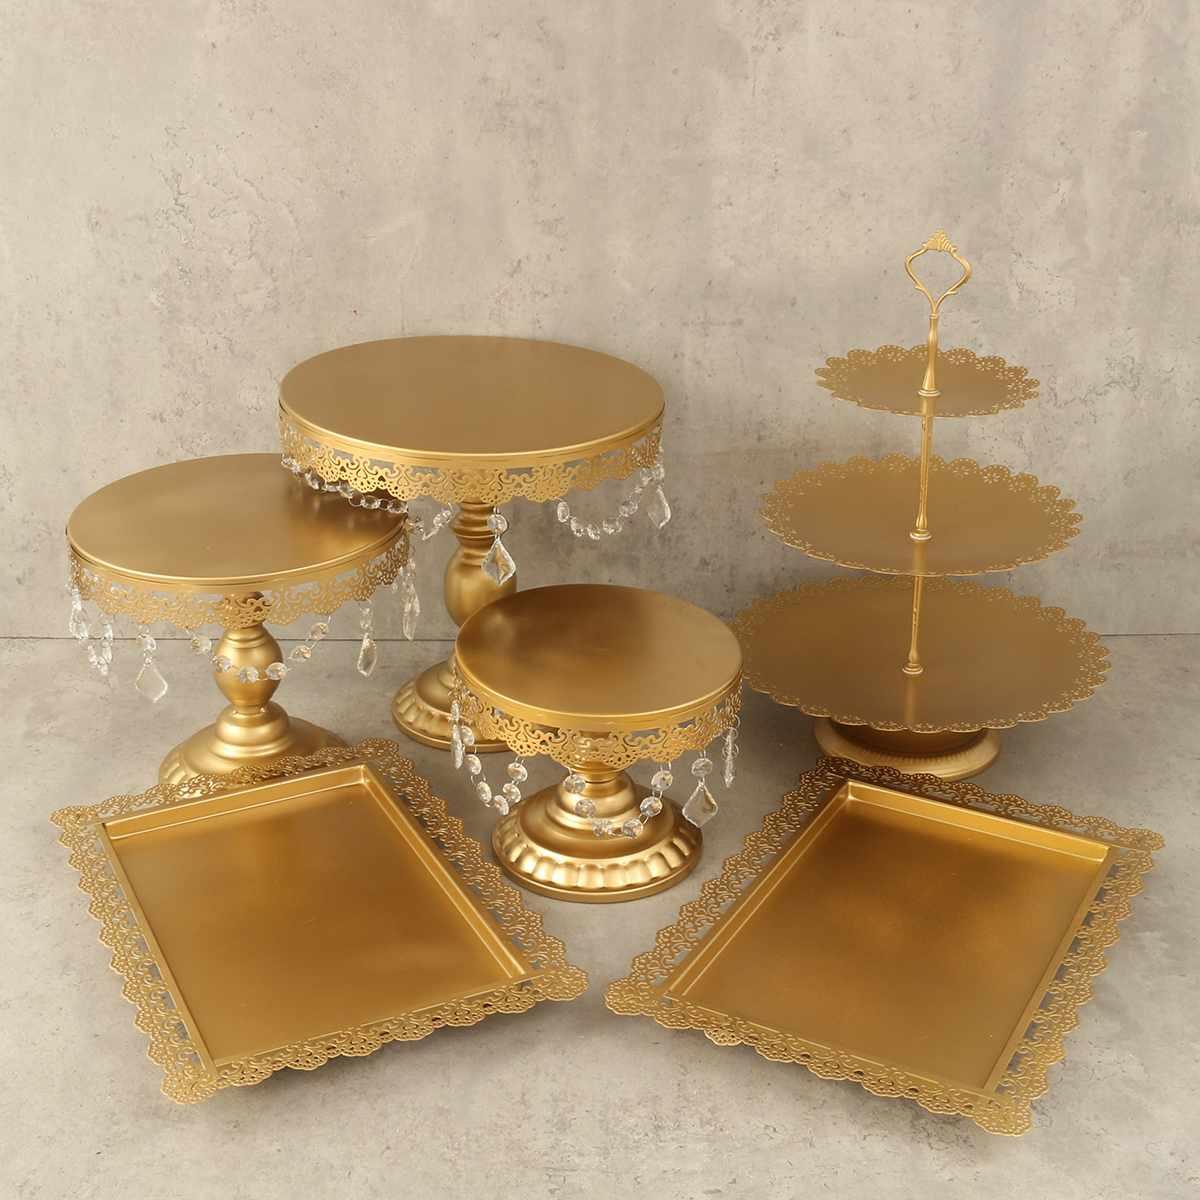 6 pièces/ensemble or blanc métal Grand boulanger gâteau Stand ensemble outils de gâteau de mariage Fondant gâteau présentoir Kit pour fête ustensiles de cuisson accessoire